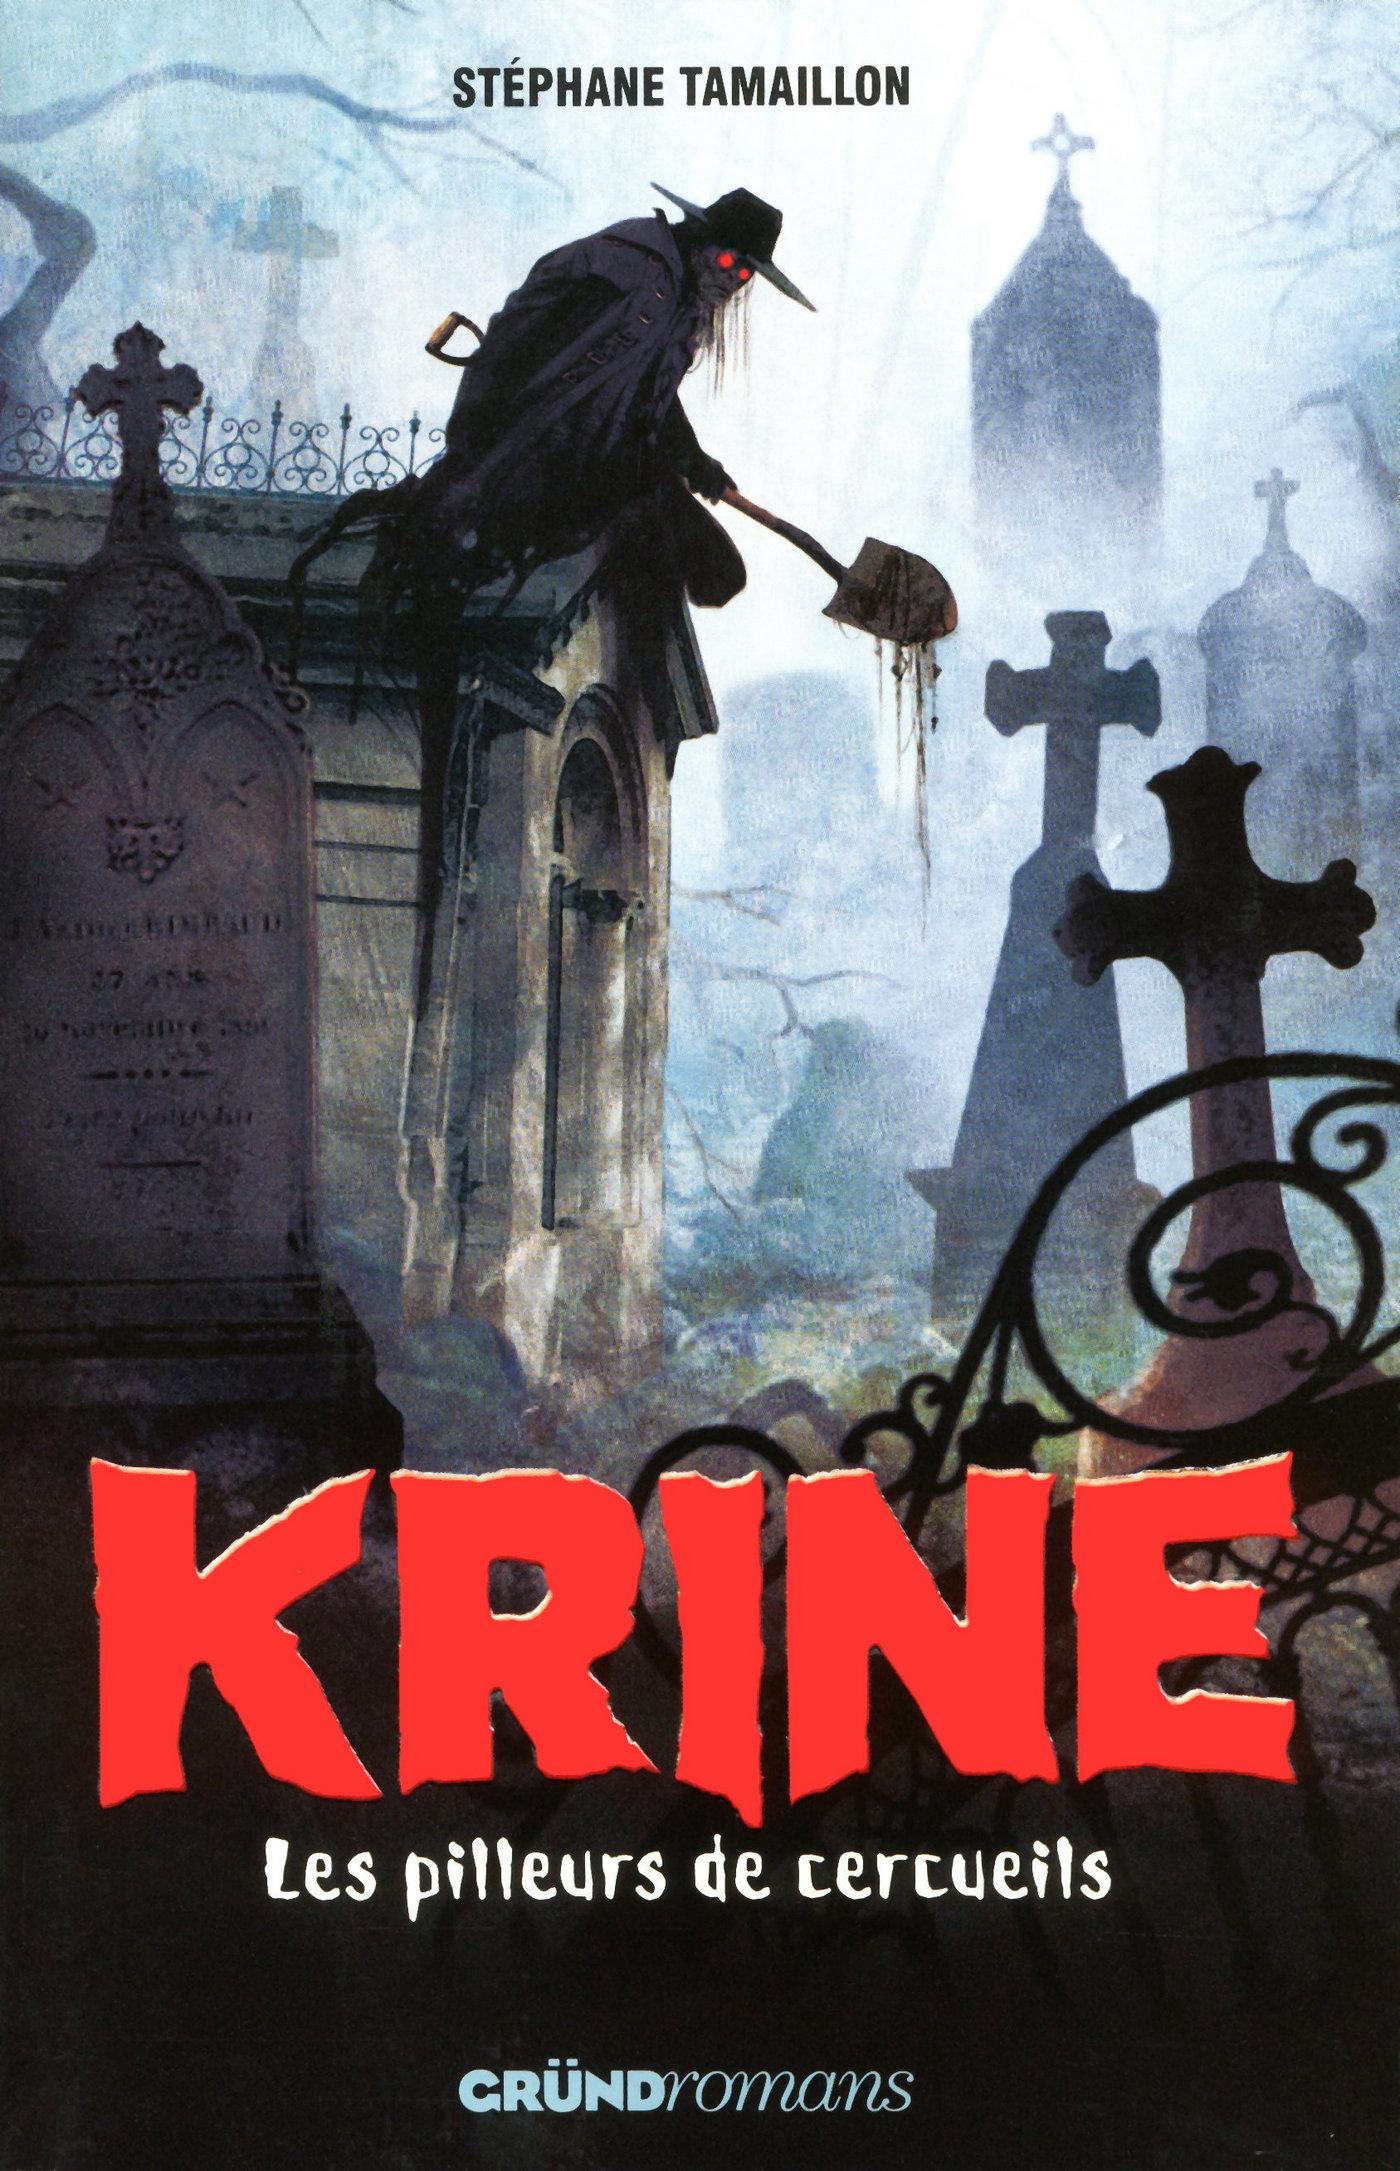 Krine, tome 1 - Les pilleurs de cercueils